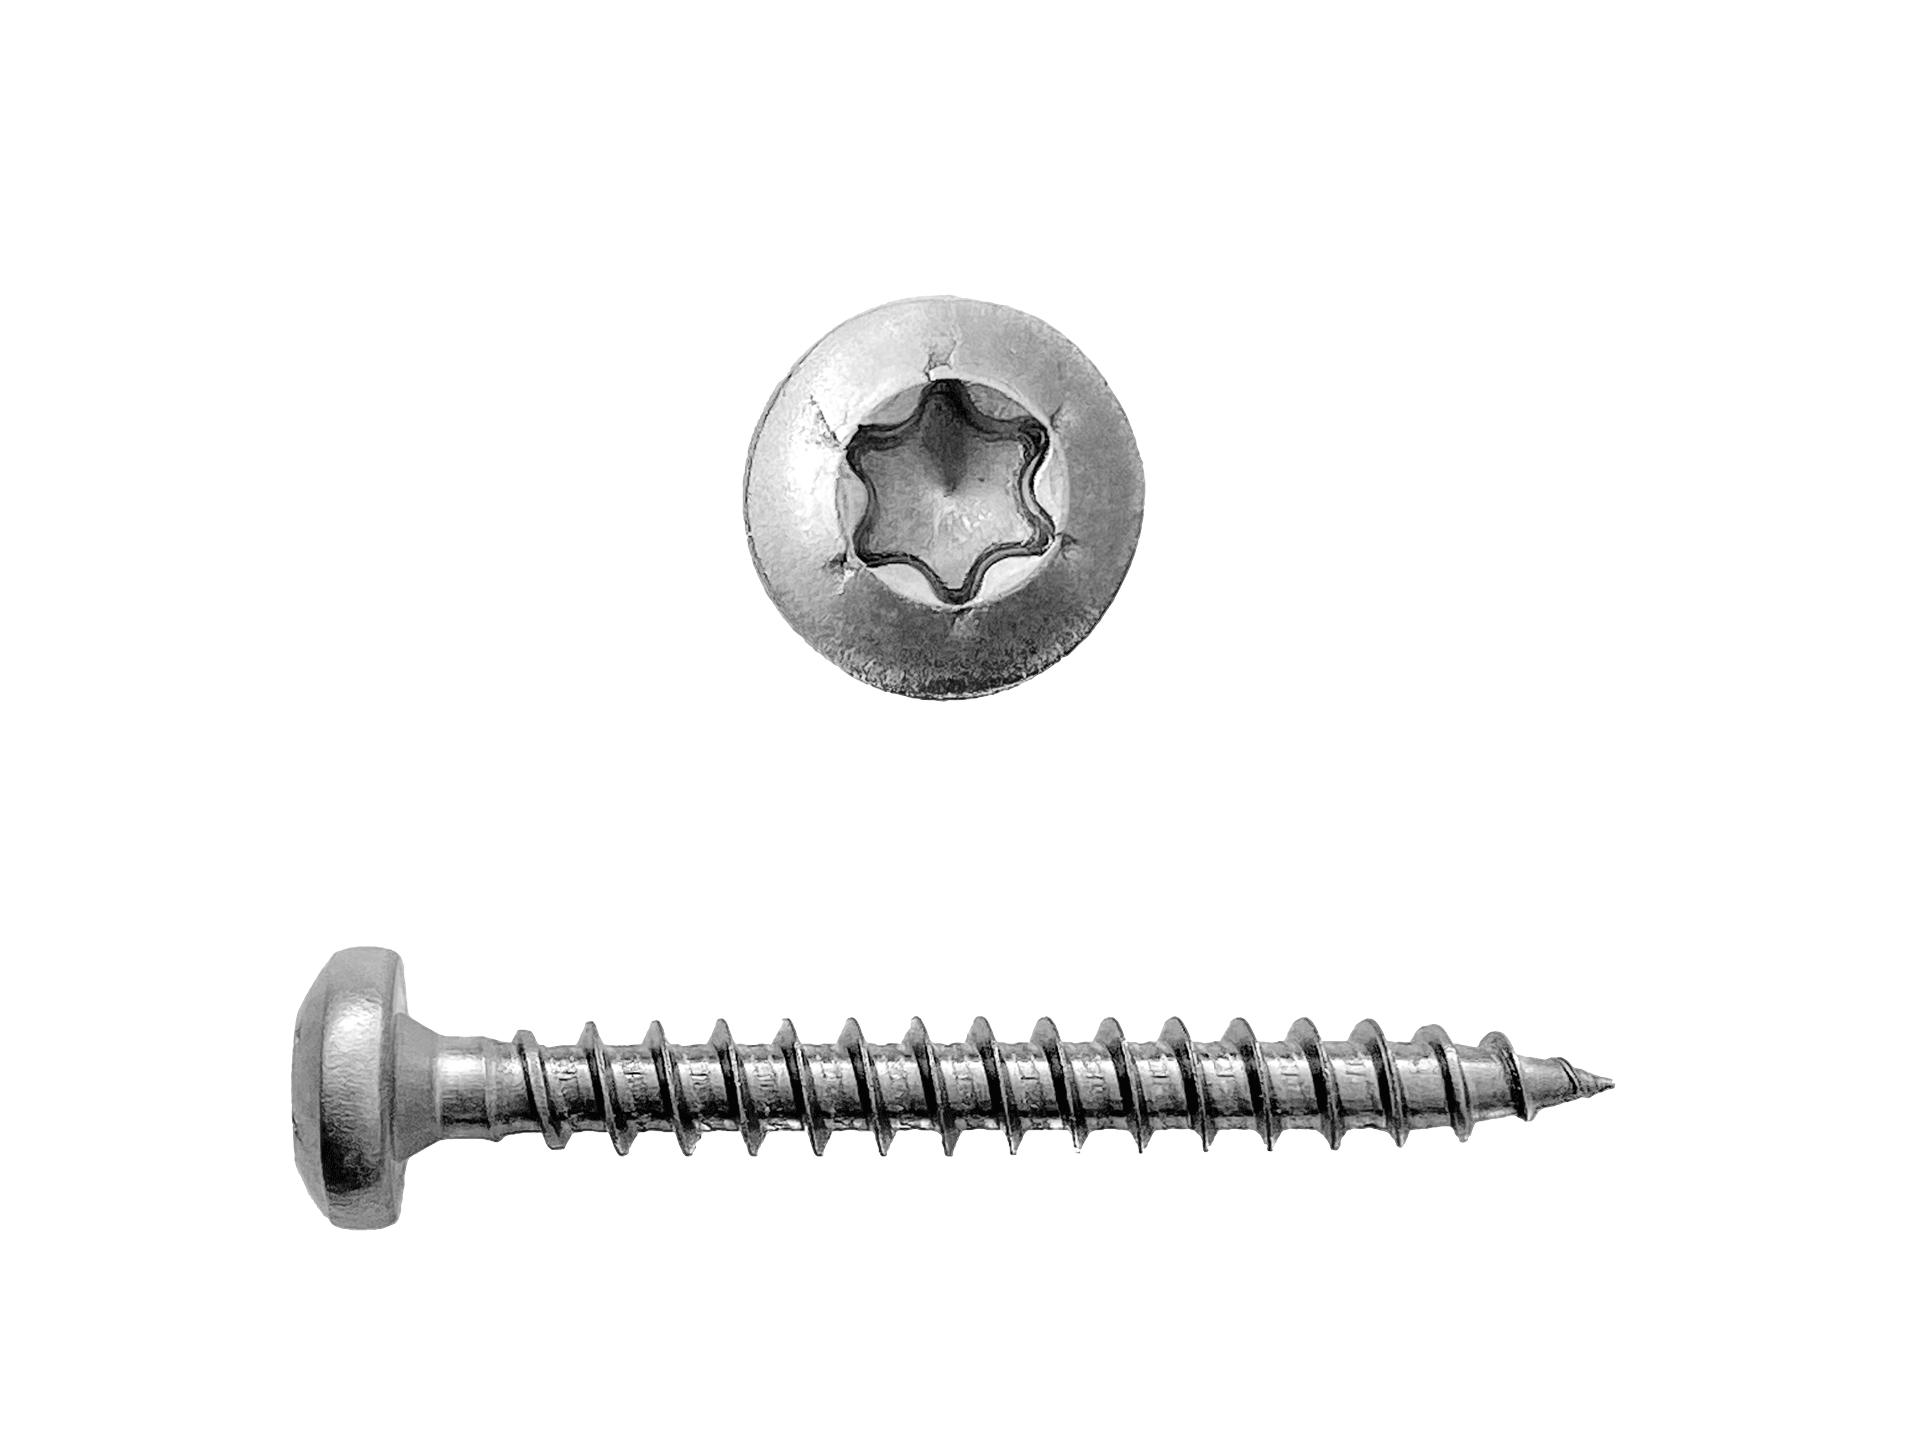 SPAX Schrauben Edelstahl 4 x 35 mm Torx